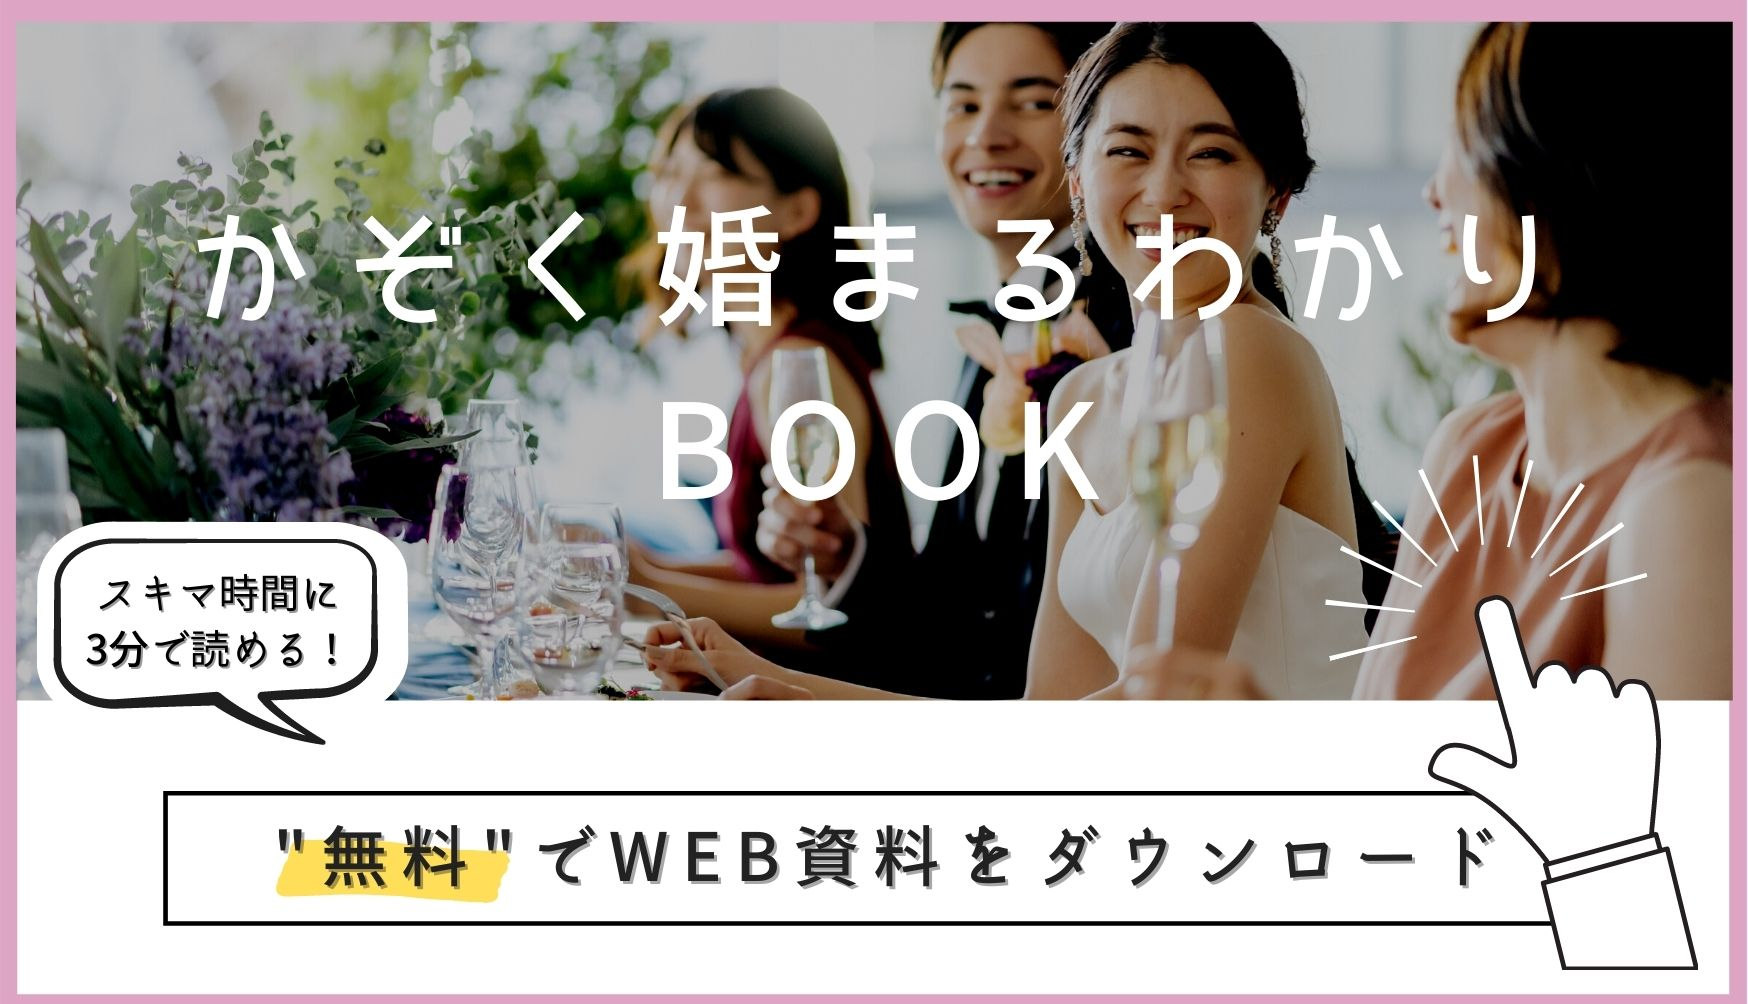 ▼「かぞく婚まるわかりBOOK」の無料ダウンロードはこちら